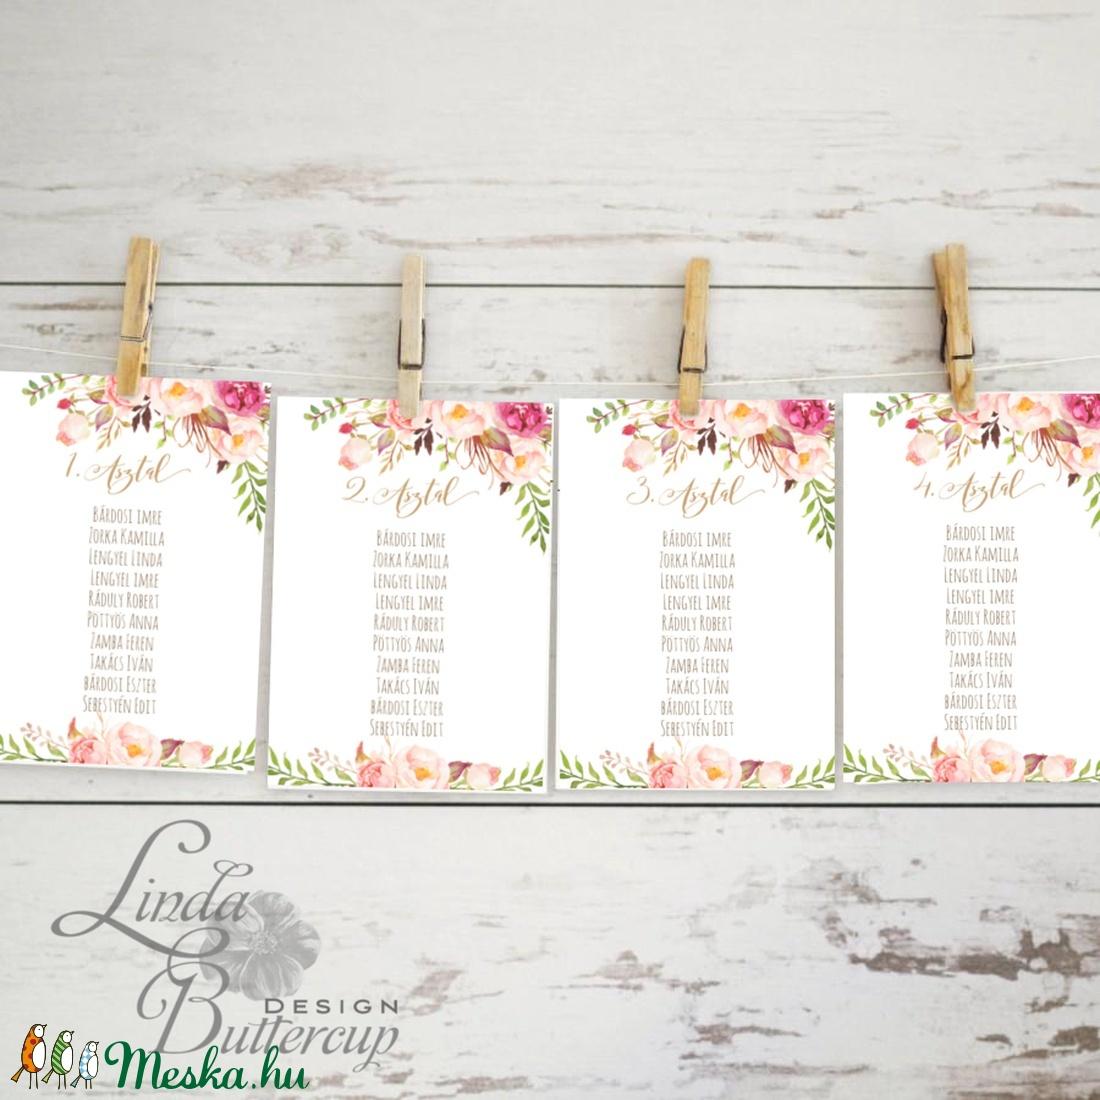 Ültetési rend, Asztalszámok, Esküvői ültetésirend, Ültetők, Ültetésrend, Esküvő dekor, Esküvő ültető kártya, rózsa (LindaButtercup) - Meska.hu